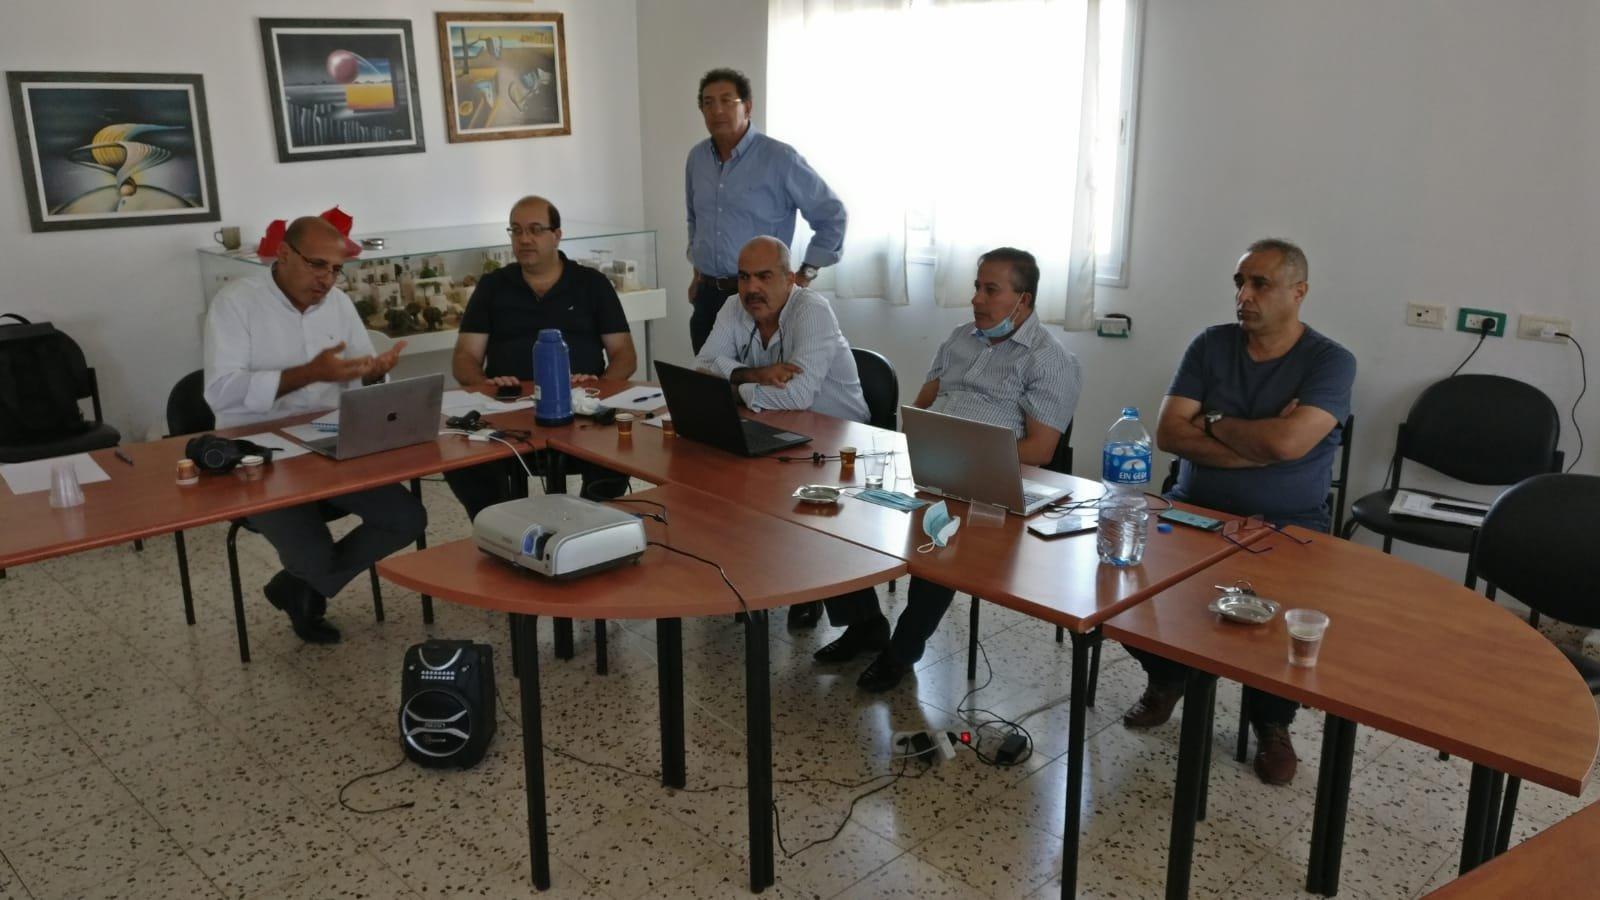 خطة خمسية لتطوير الهايتك والحداثة في المجتمع العربي-12